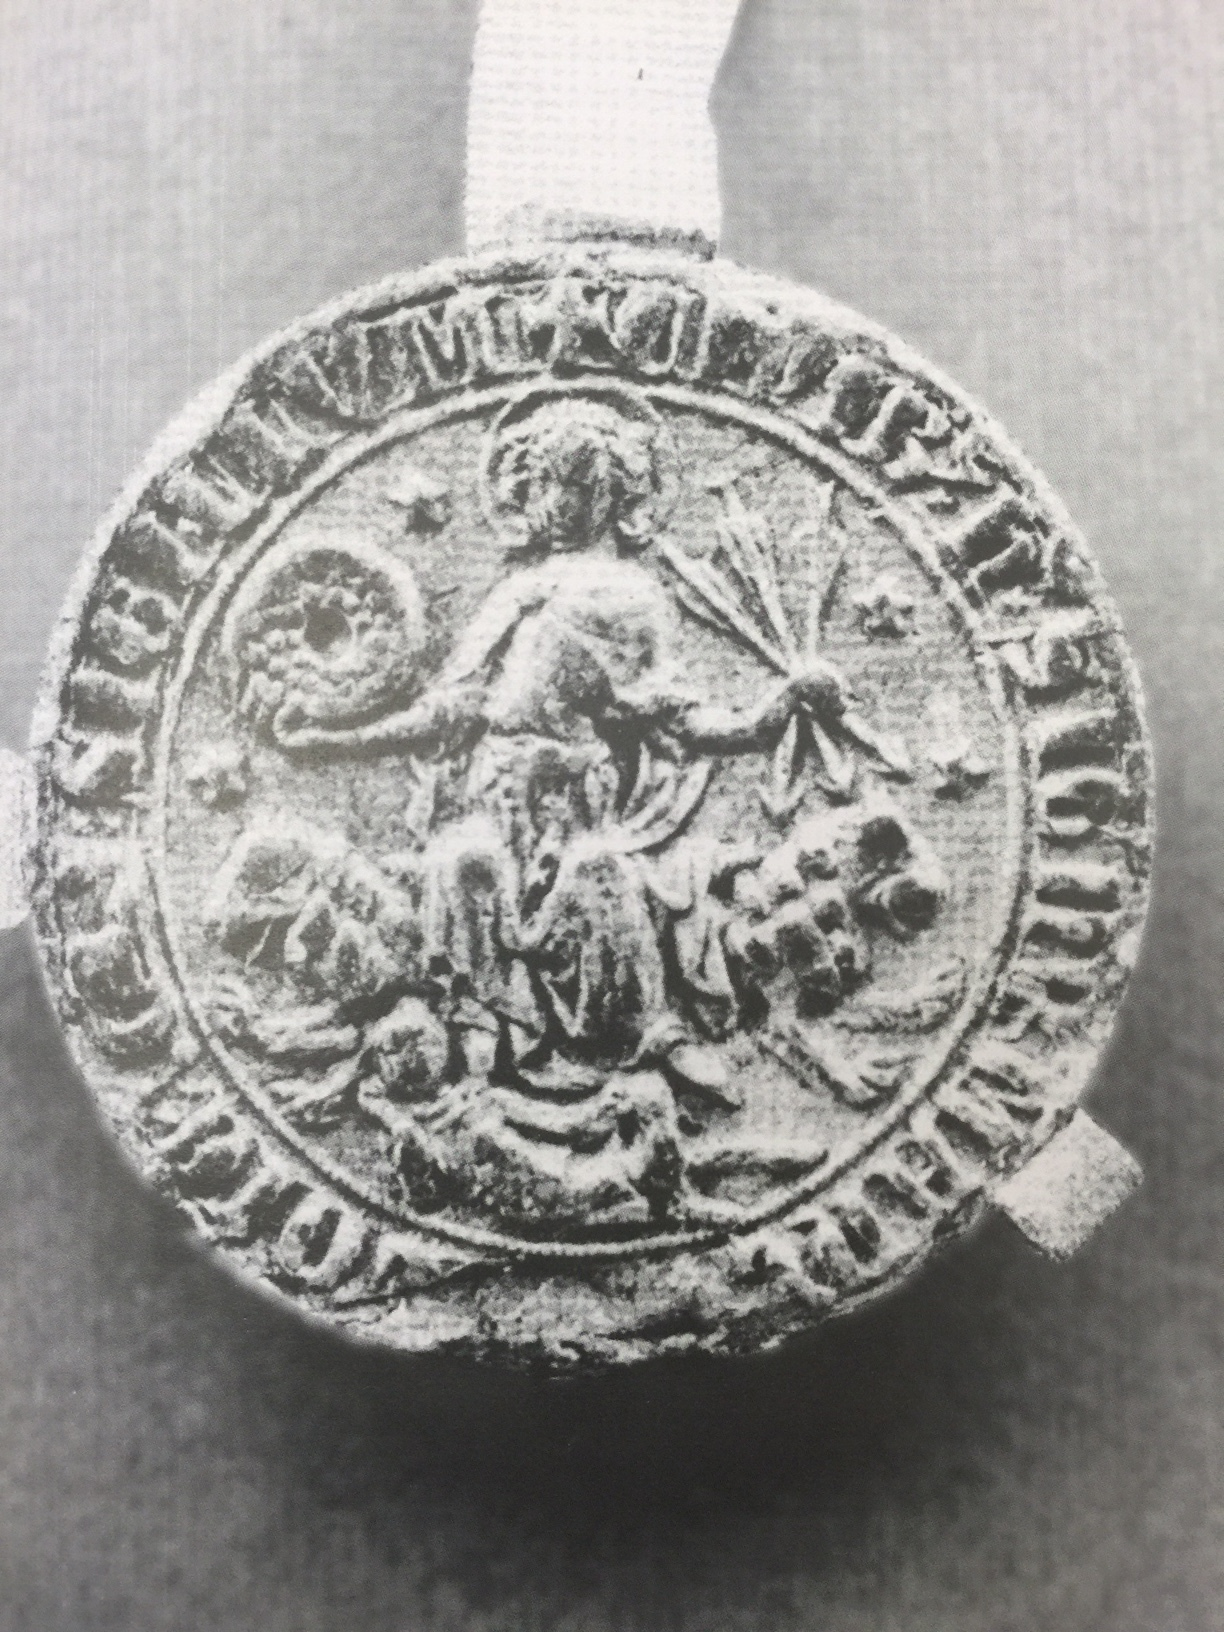 Opprinnelige segl fra 1300-tallet.